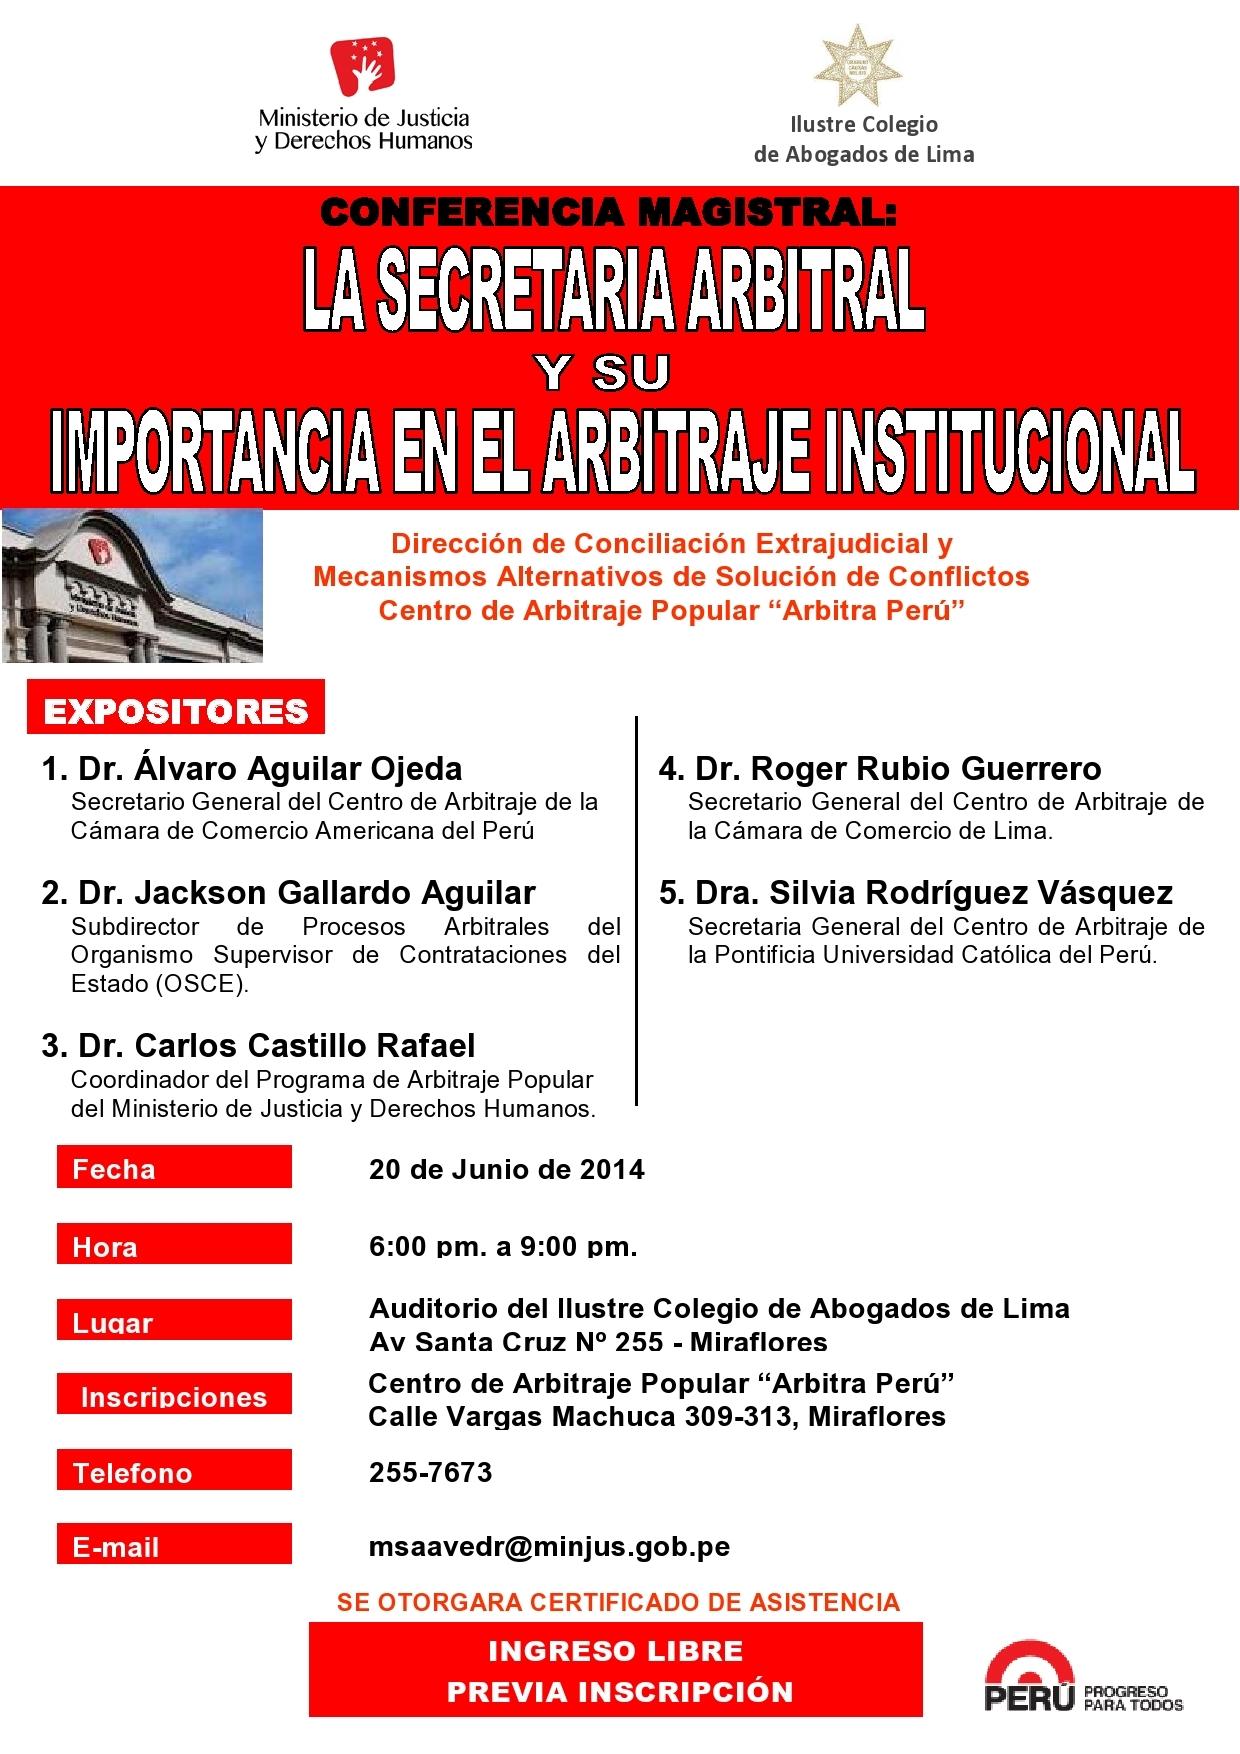 20140719-secretaria-arbitral-y-su-importancia-banner-page0001.jpg